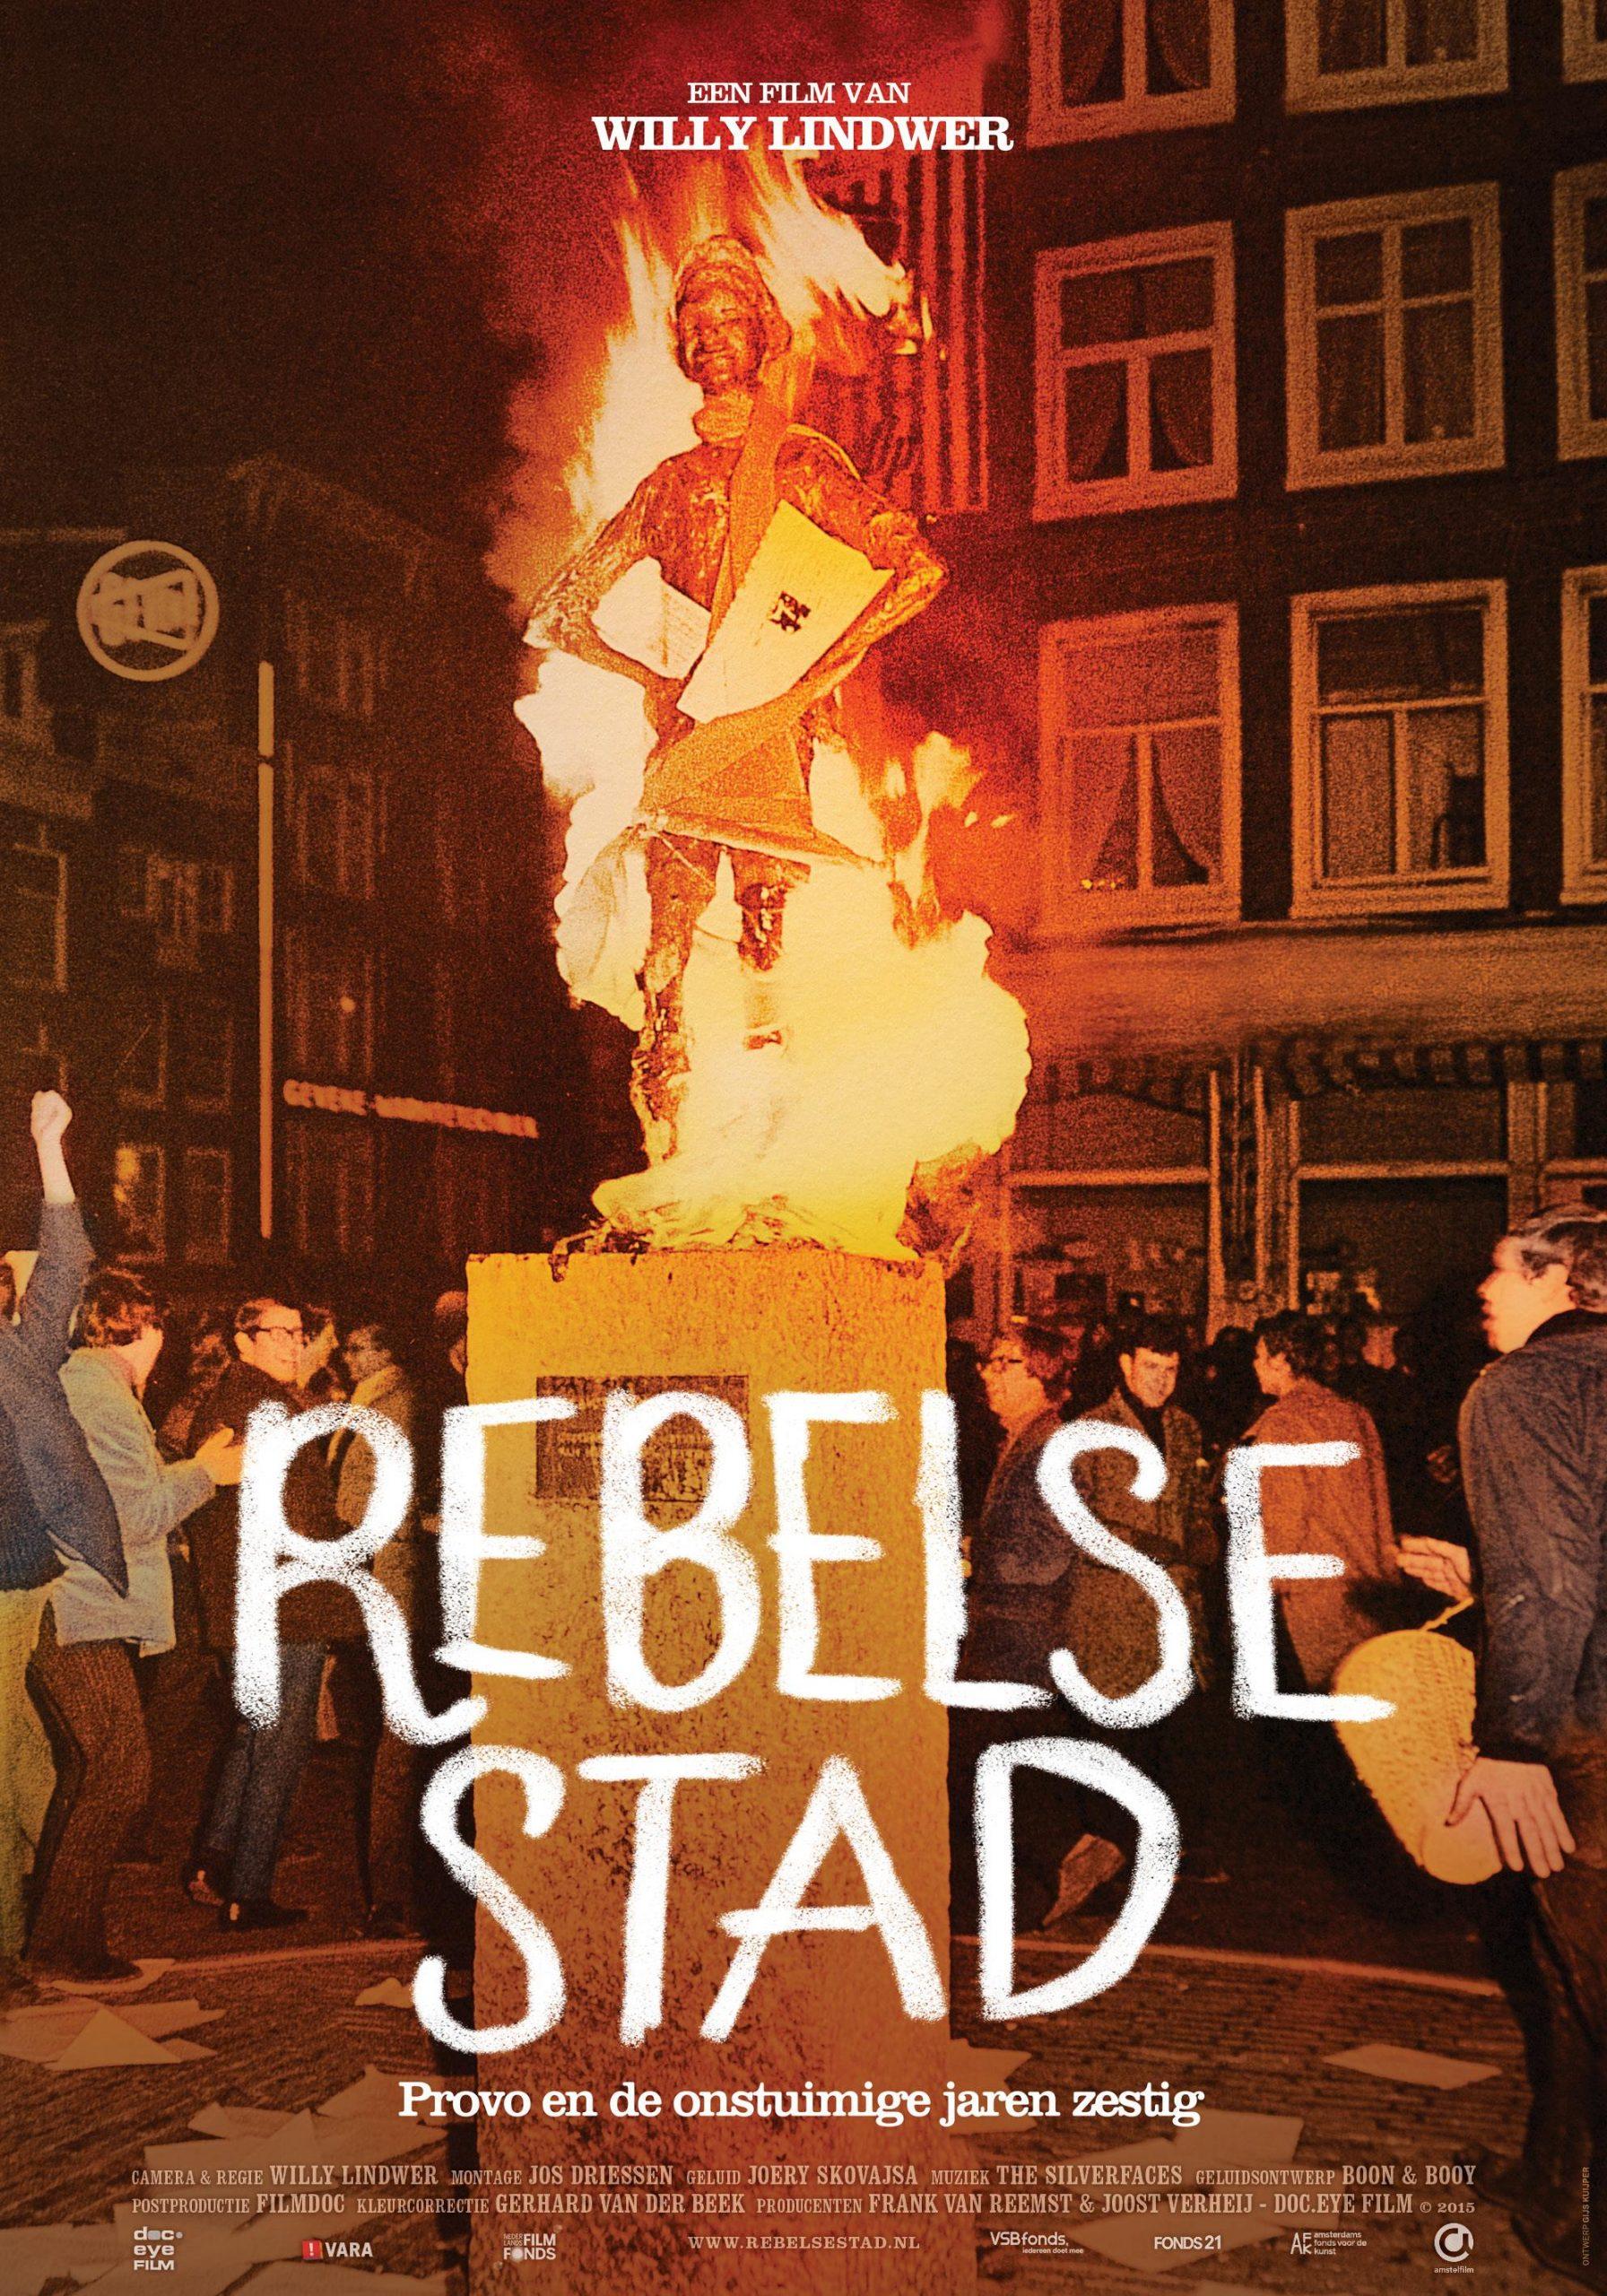 Rebelse Stad - Provo en de onstuimige jaren zestig